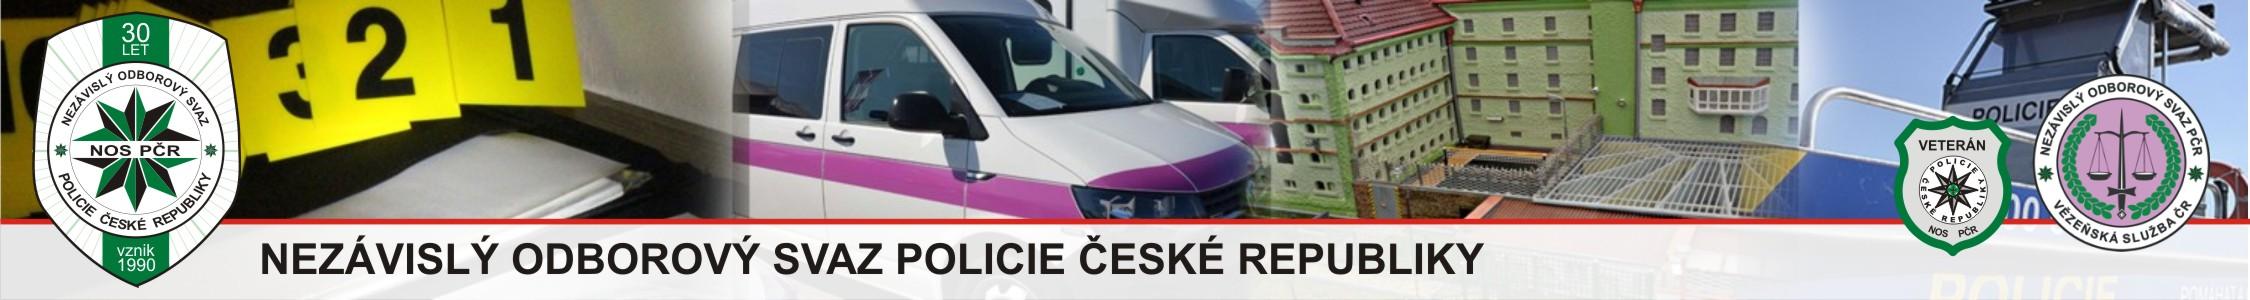 Nezávislý odborový svaz Policie České republiky